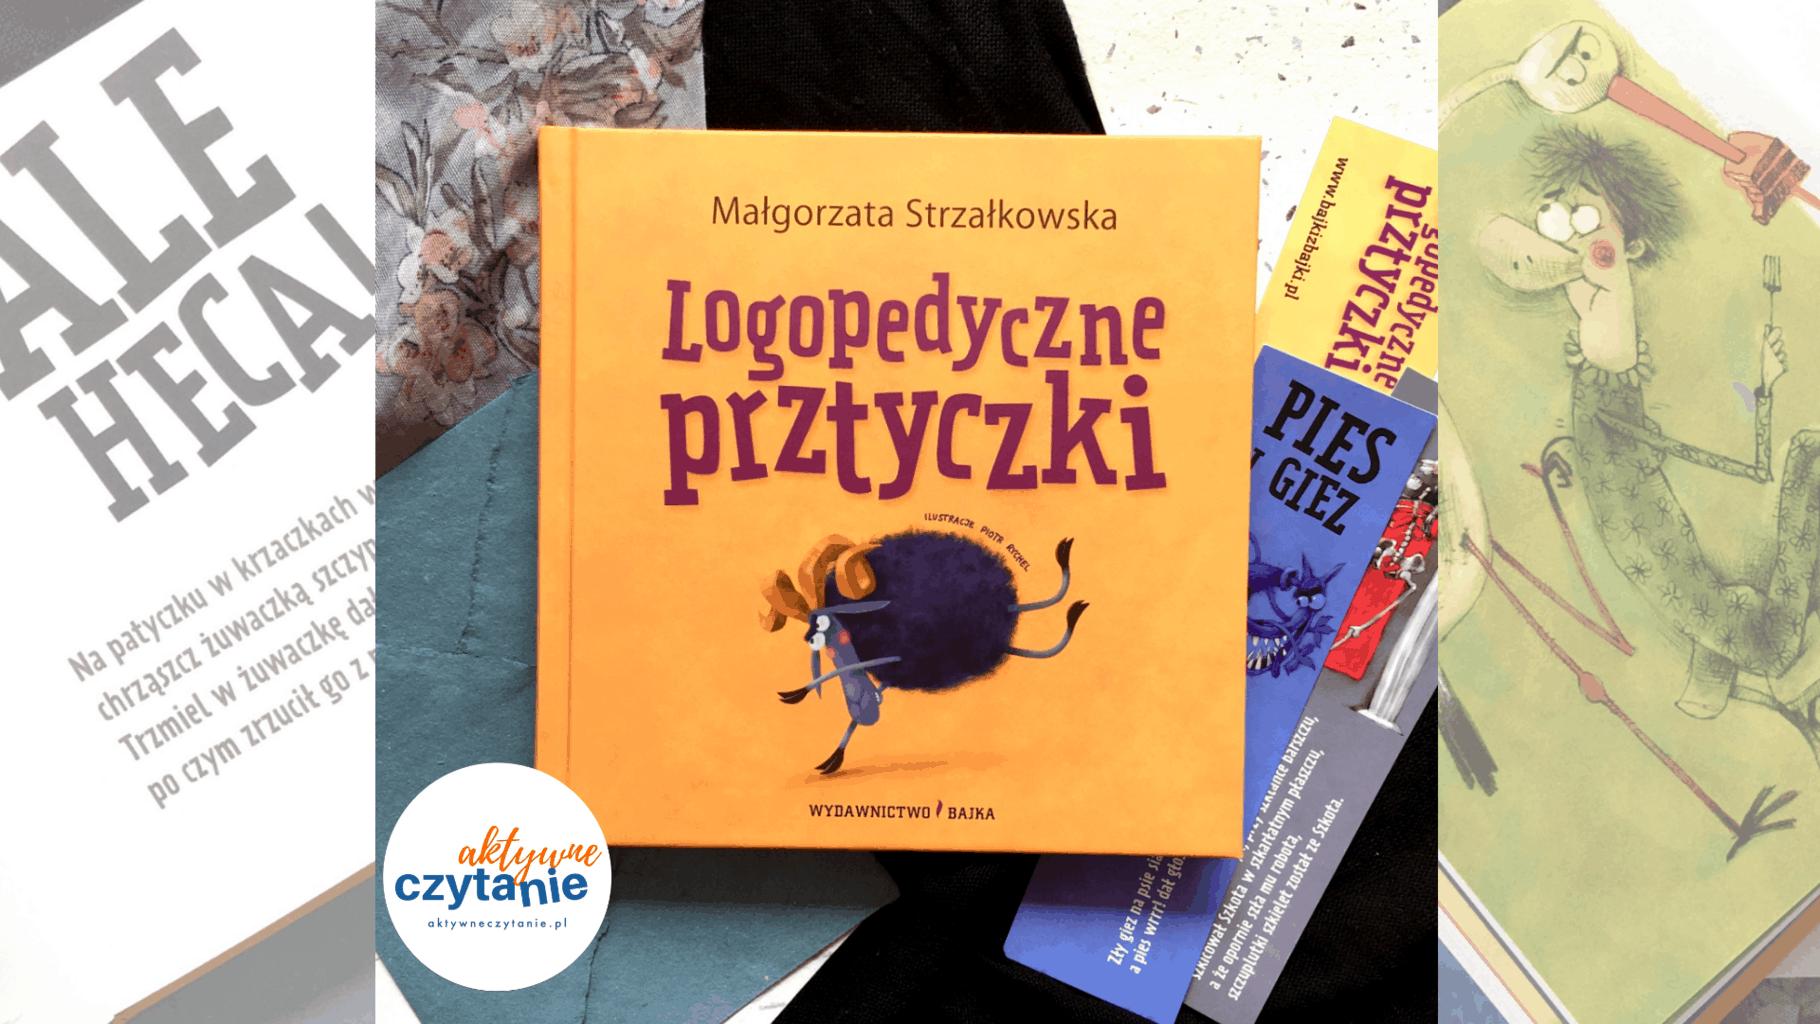 logopedyczne prztyczki recenzja ksiazki dla dzieci recenzja